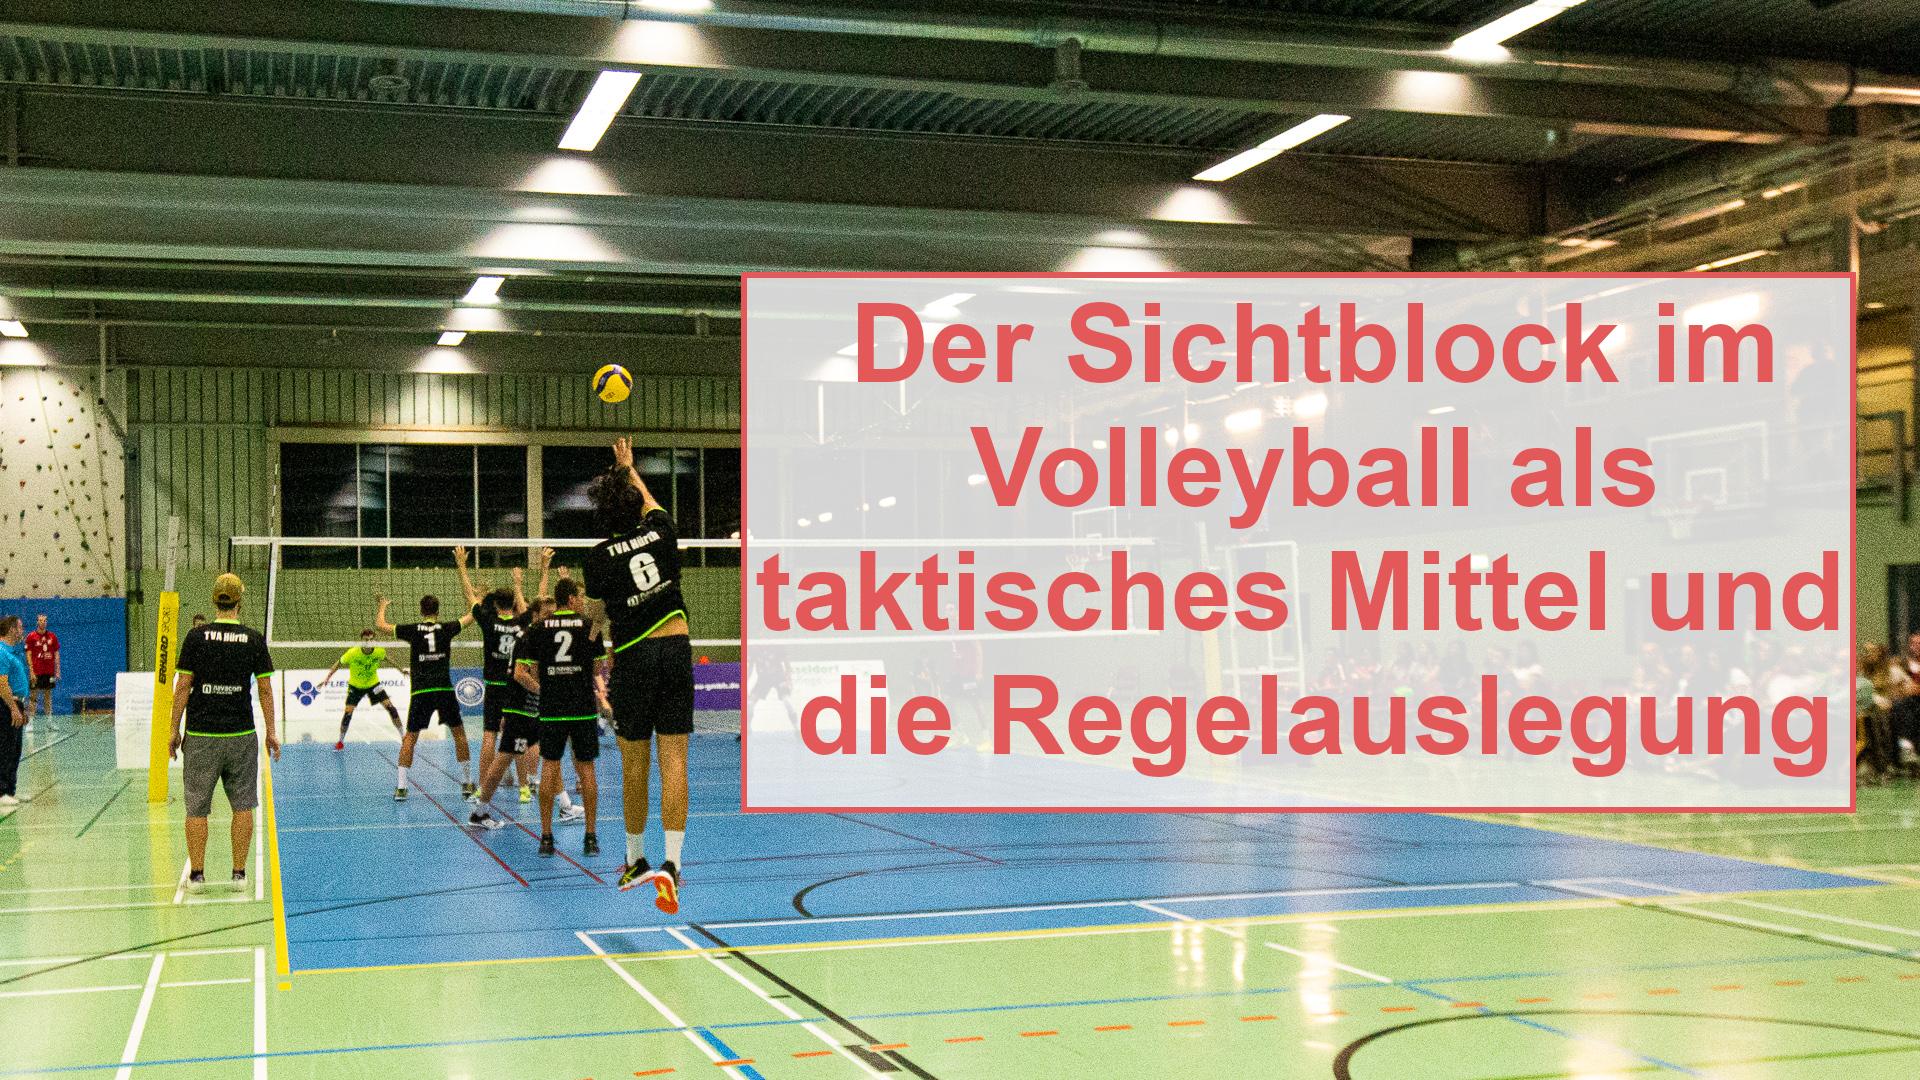 Der Sichtblock im Volleyball